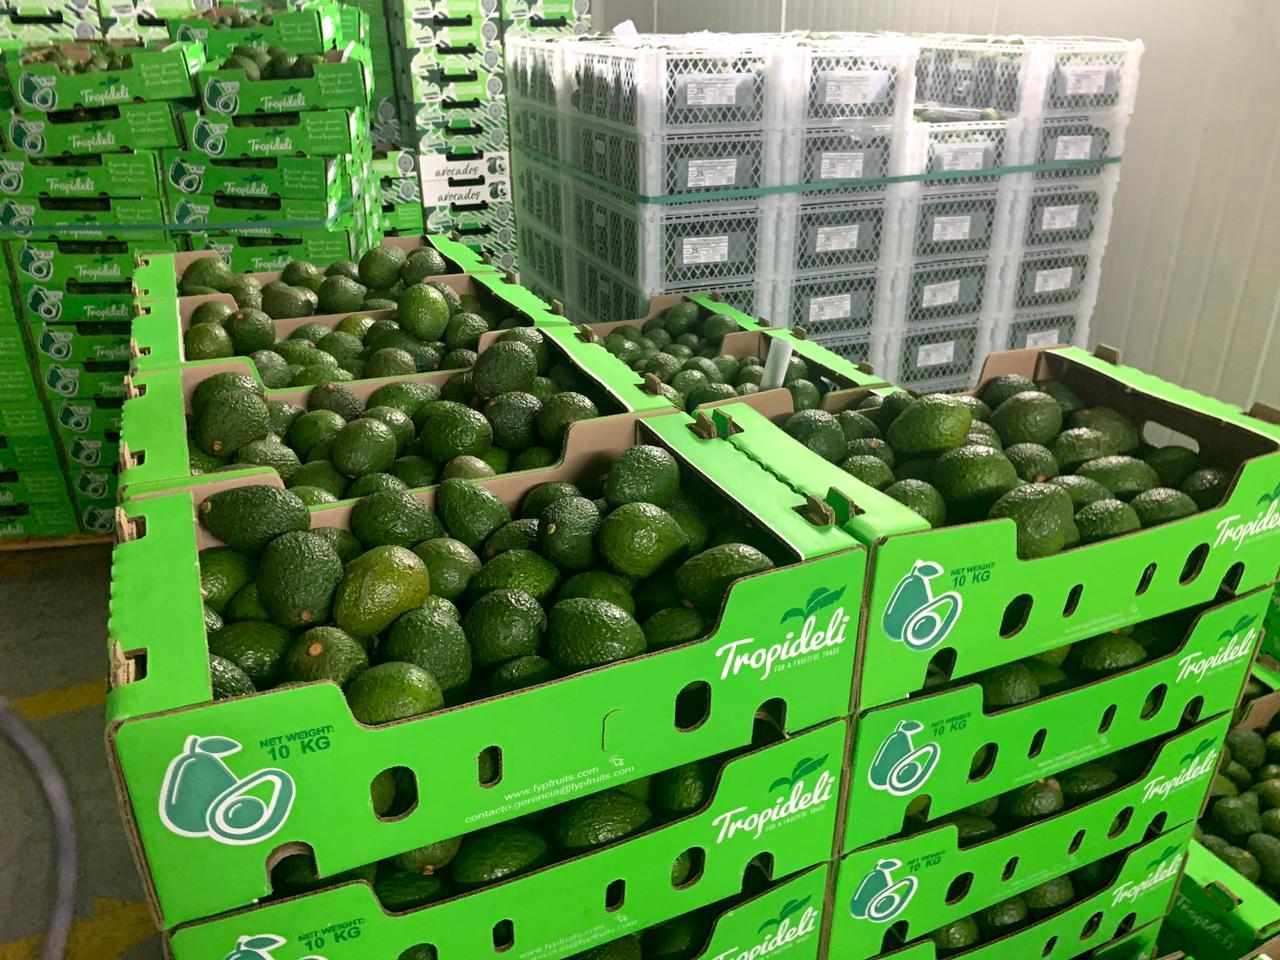 Millones de kilos de aguacate Hass cosechados en el Tolima llegarán a mercados mundiales. 1